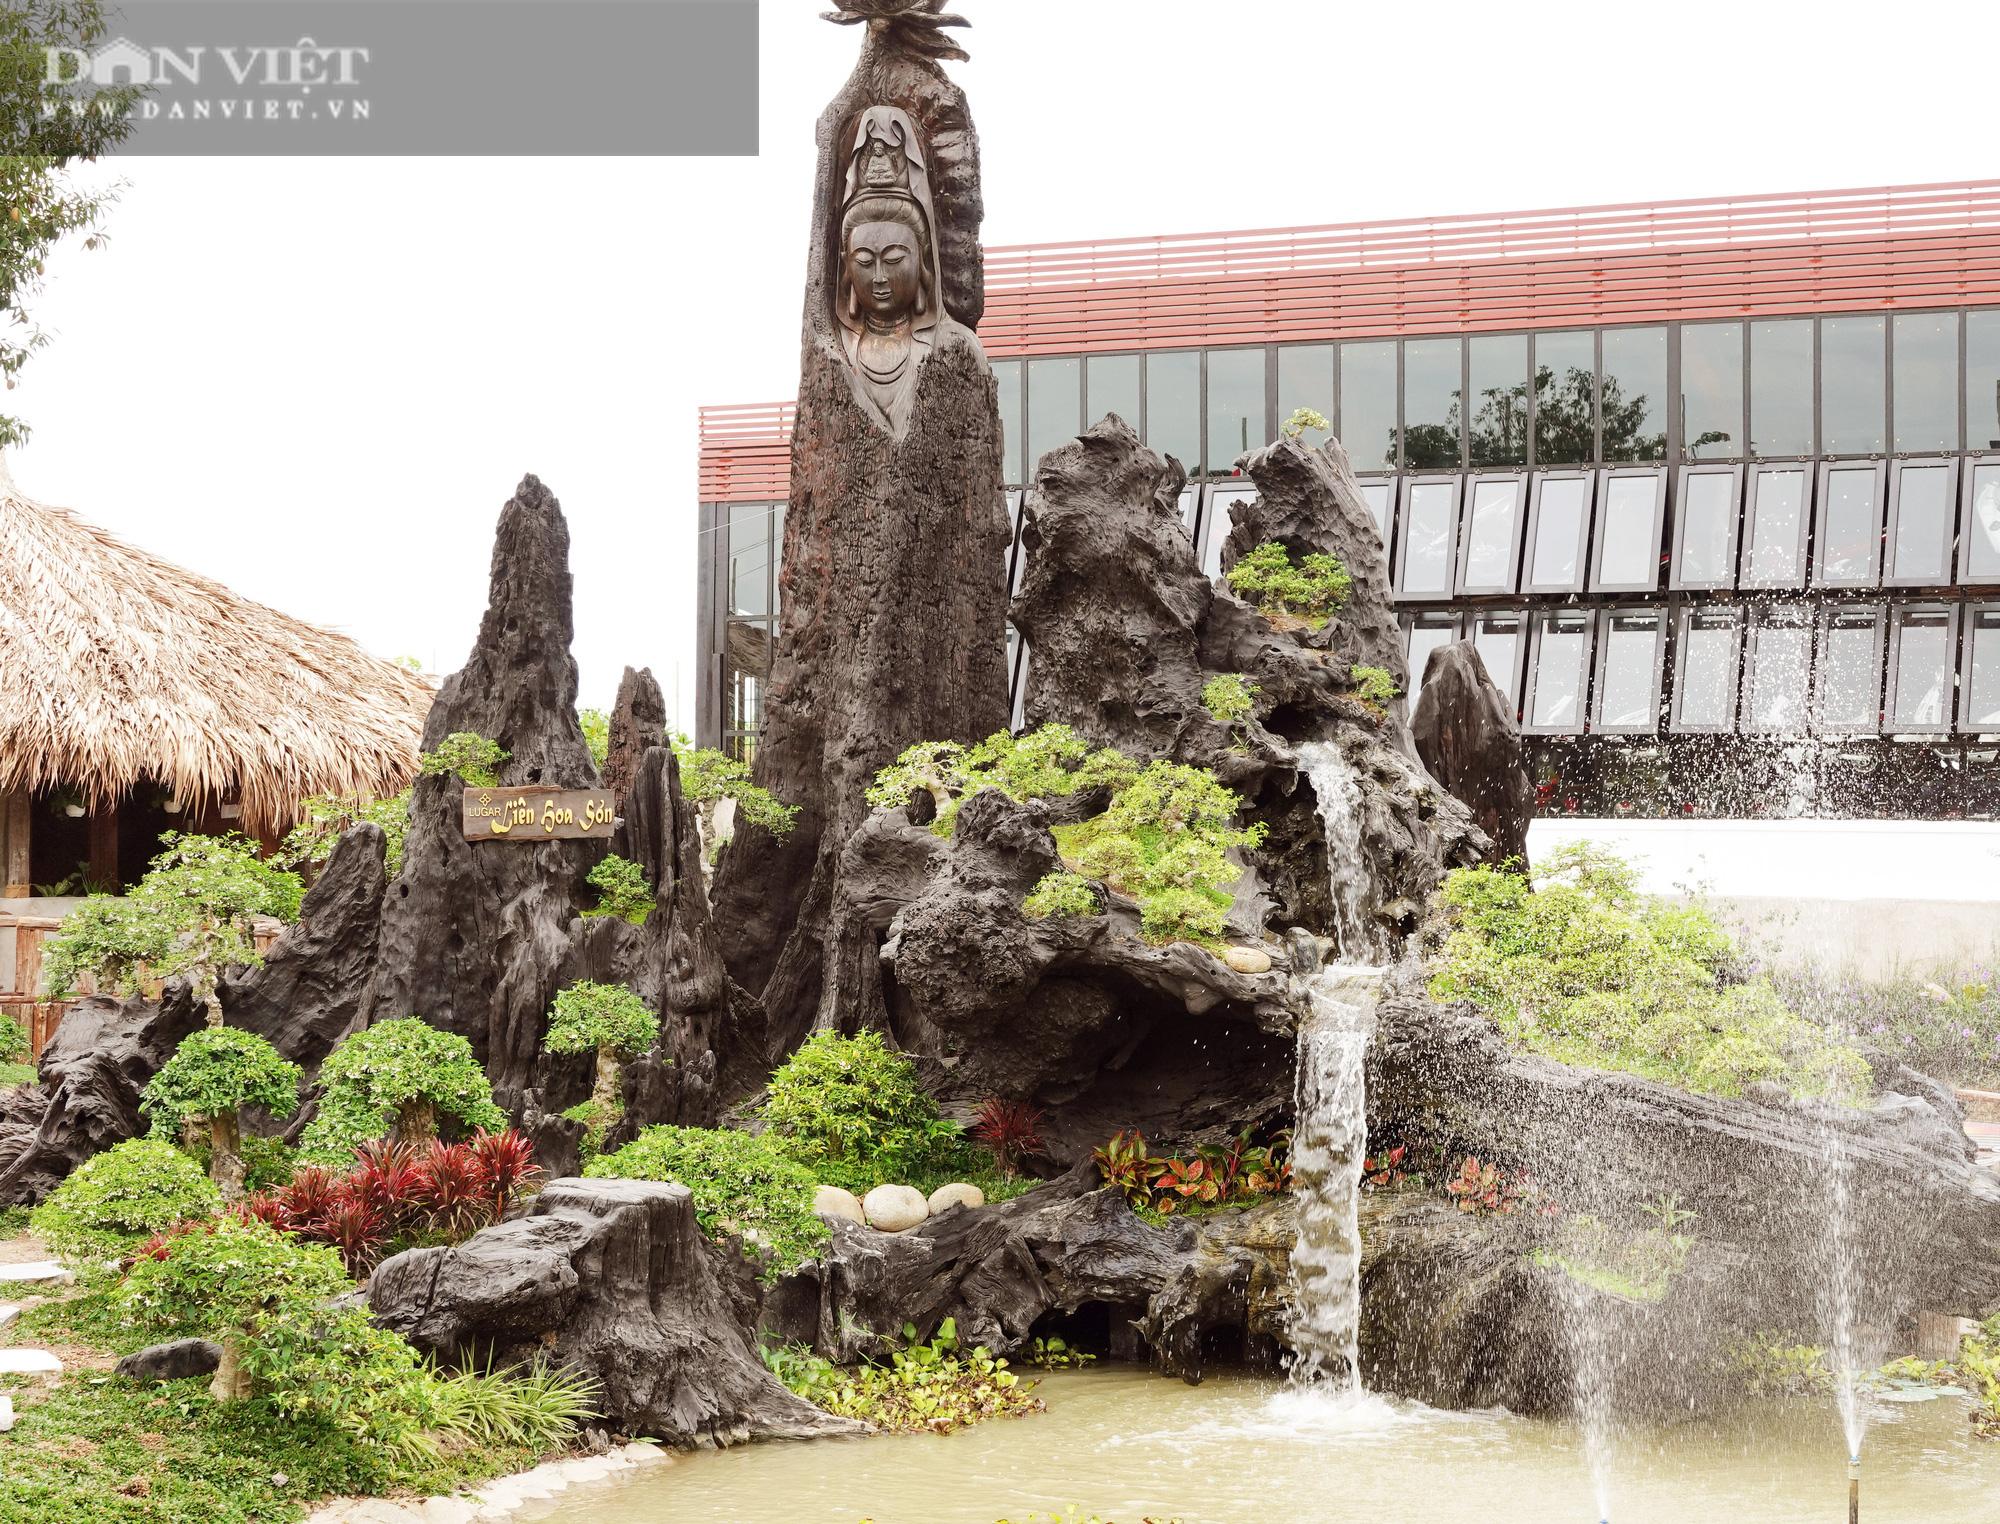 Bộ sưu tập tượng khủng làm từ những khúc gỗ quý hiếm bị chôn vùi dưới lòng sông hàng trăm năm  - Ảnh 6.